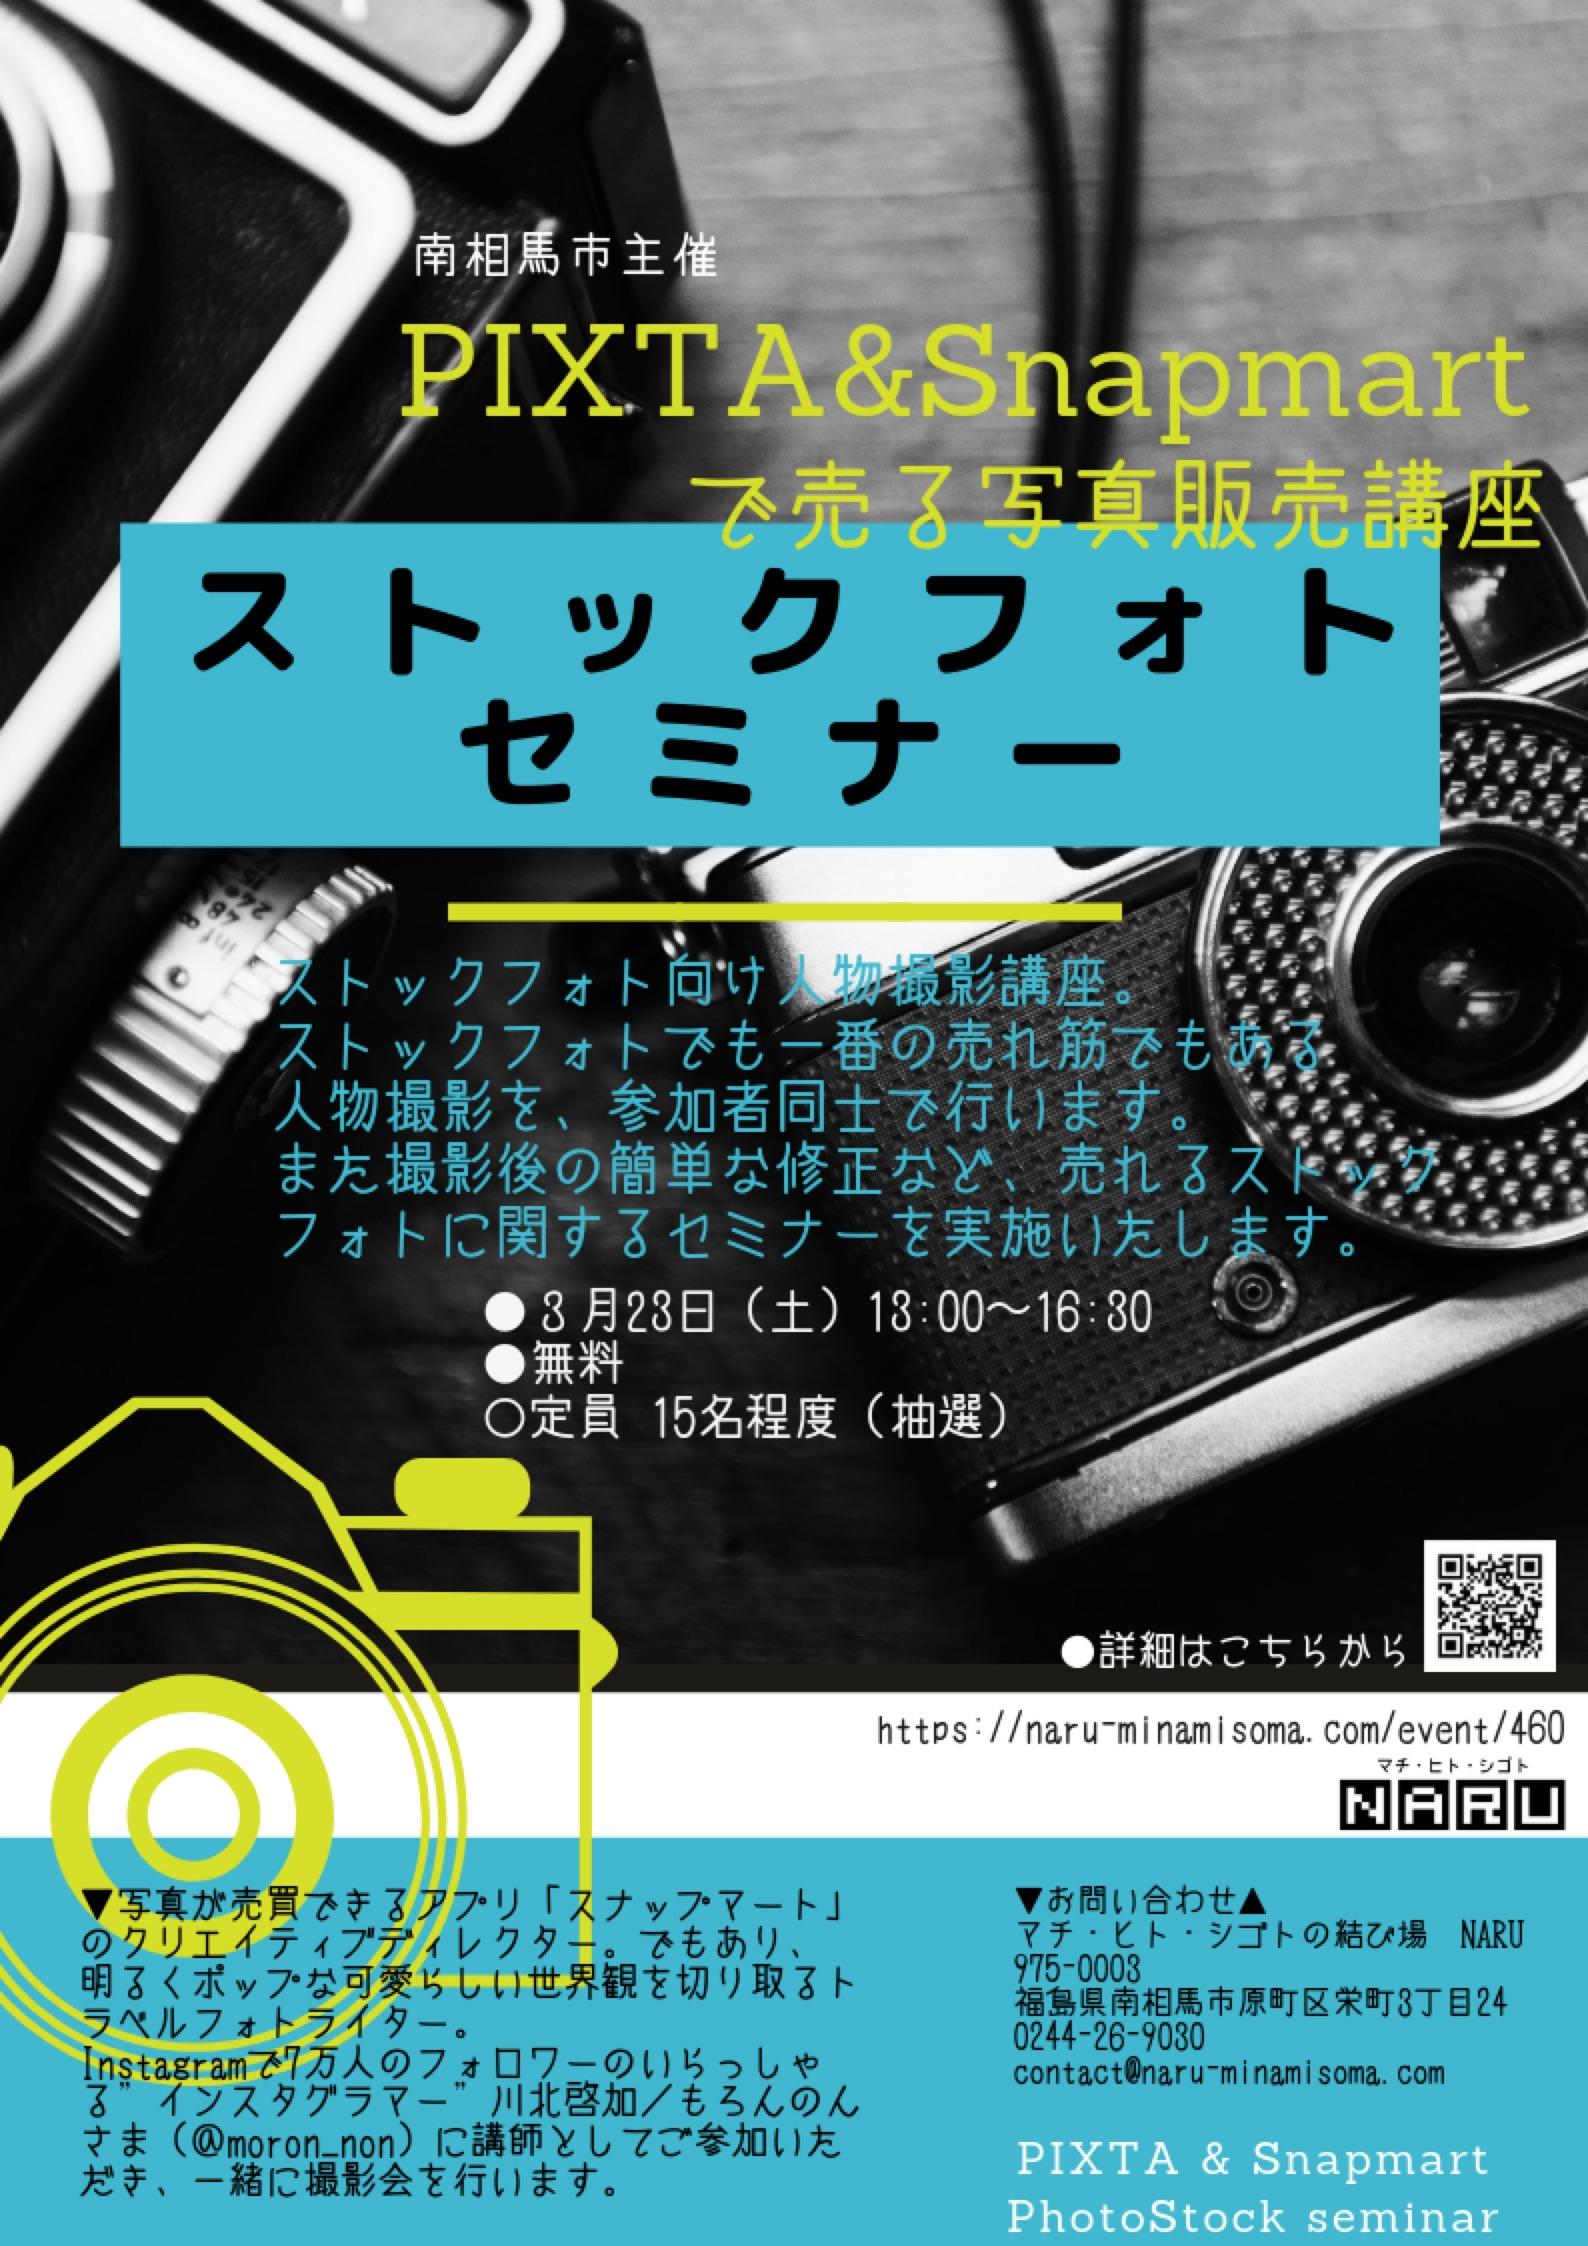 【終了】PIXTA&スナップマート ストックフォトセミナー